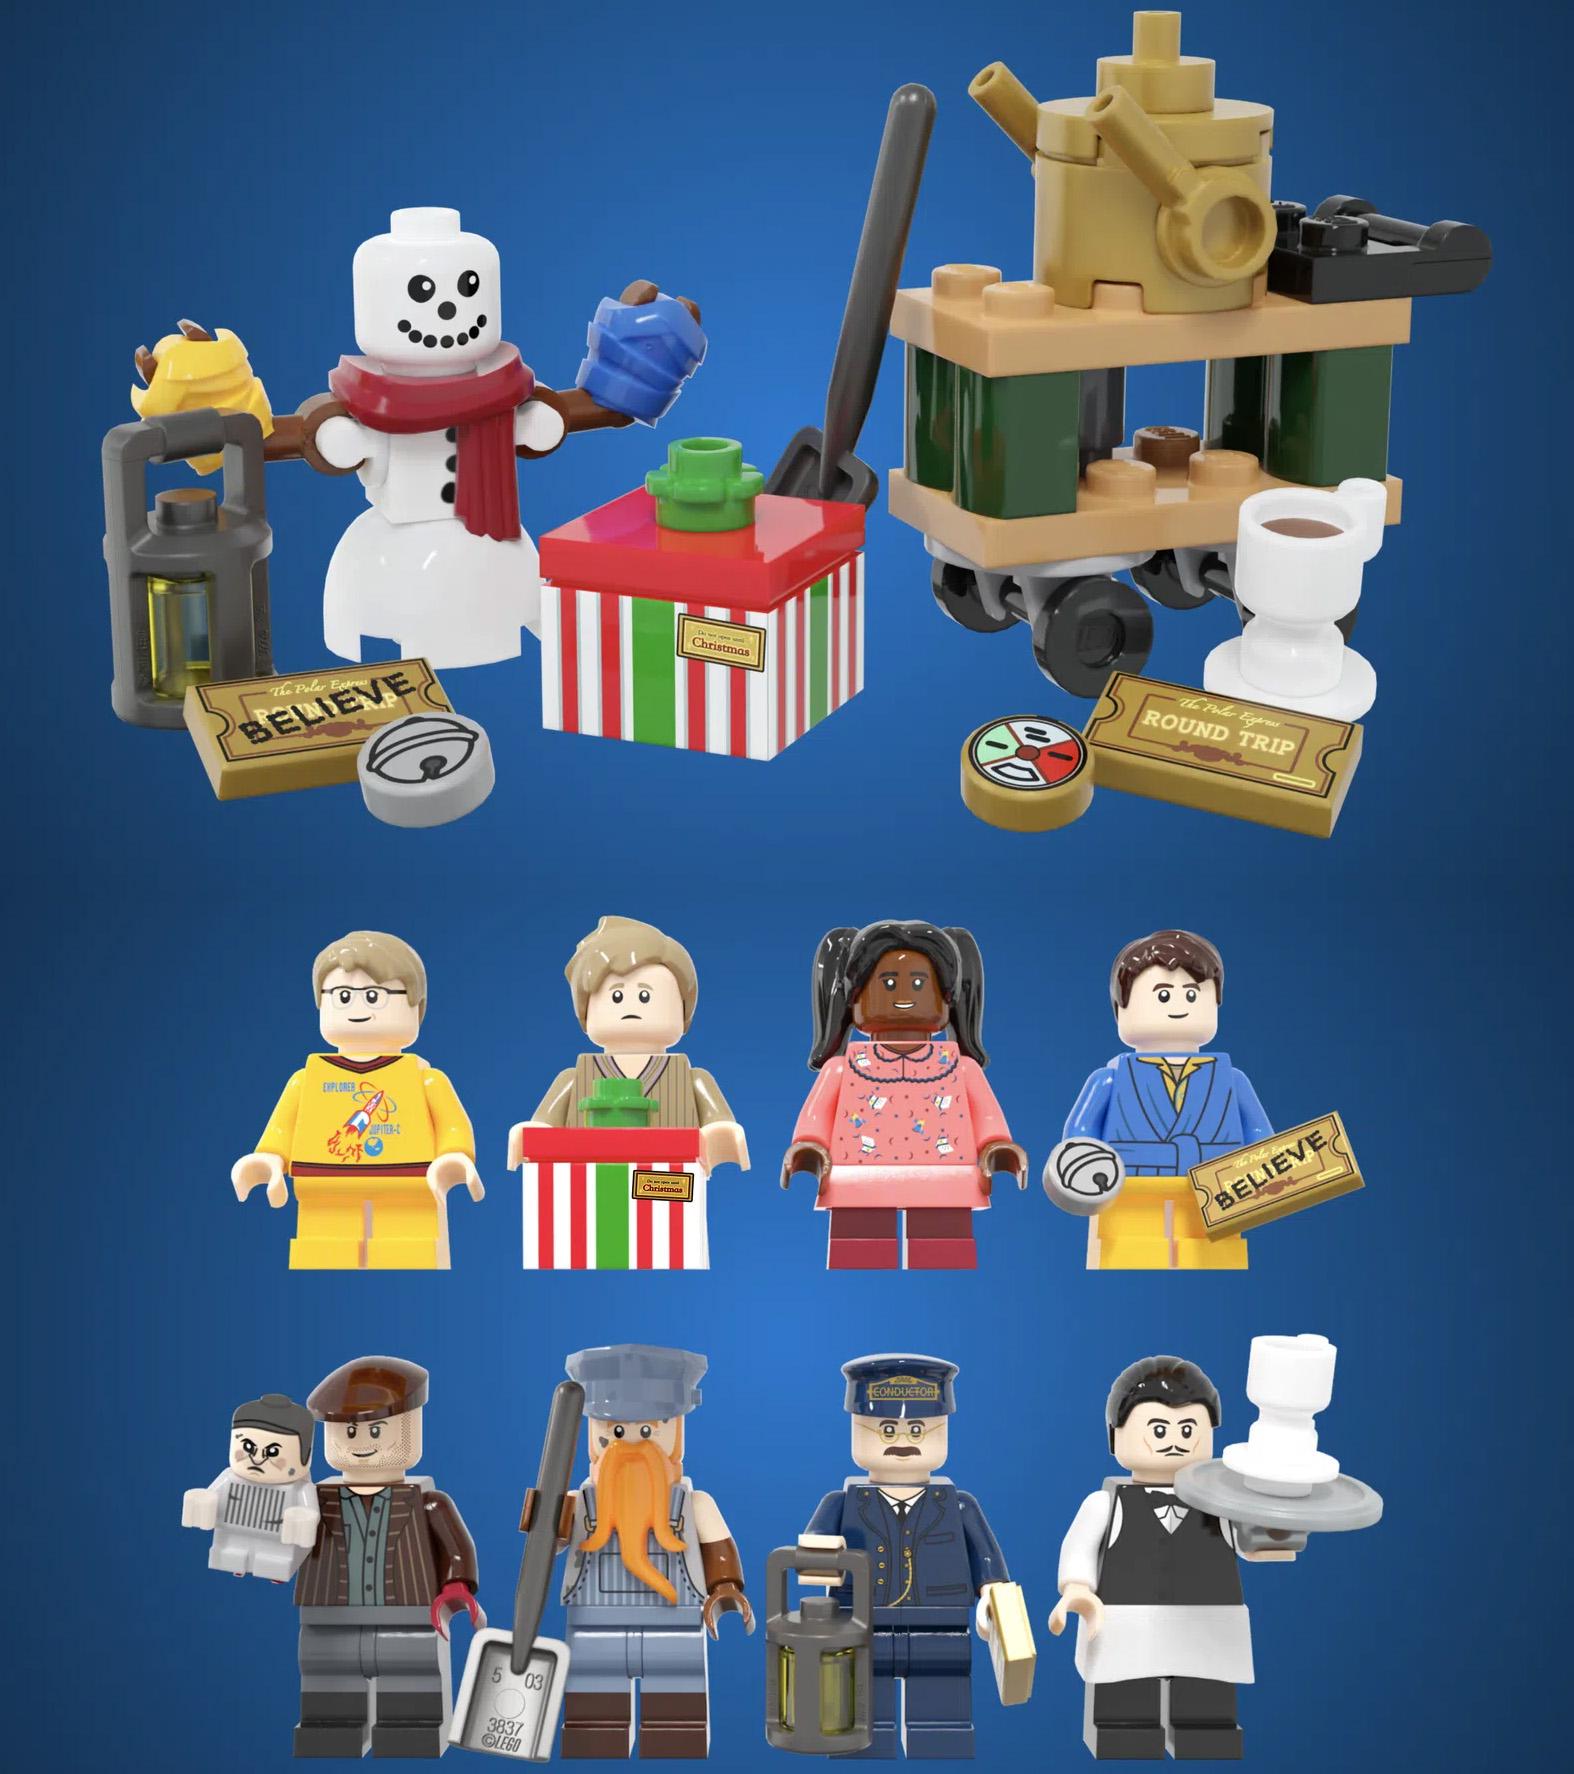 レゴアイデアで『ポーラー・エクスプレス』が製品化レビュー進出!2021年第1回1万サポート獲得デザイン紹介